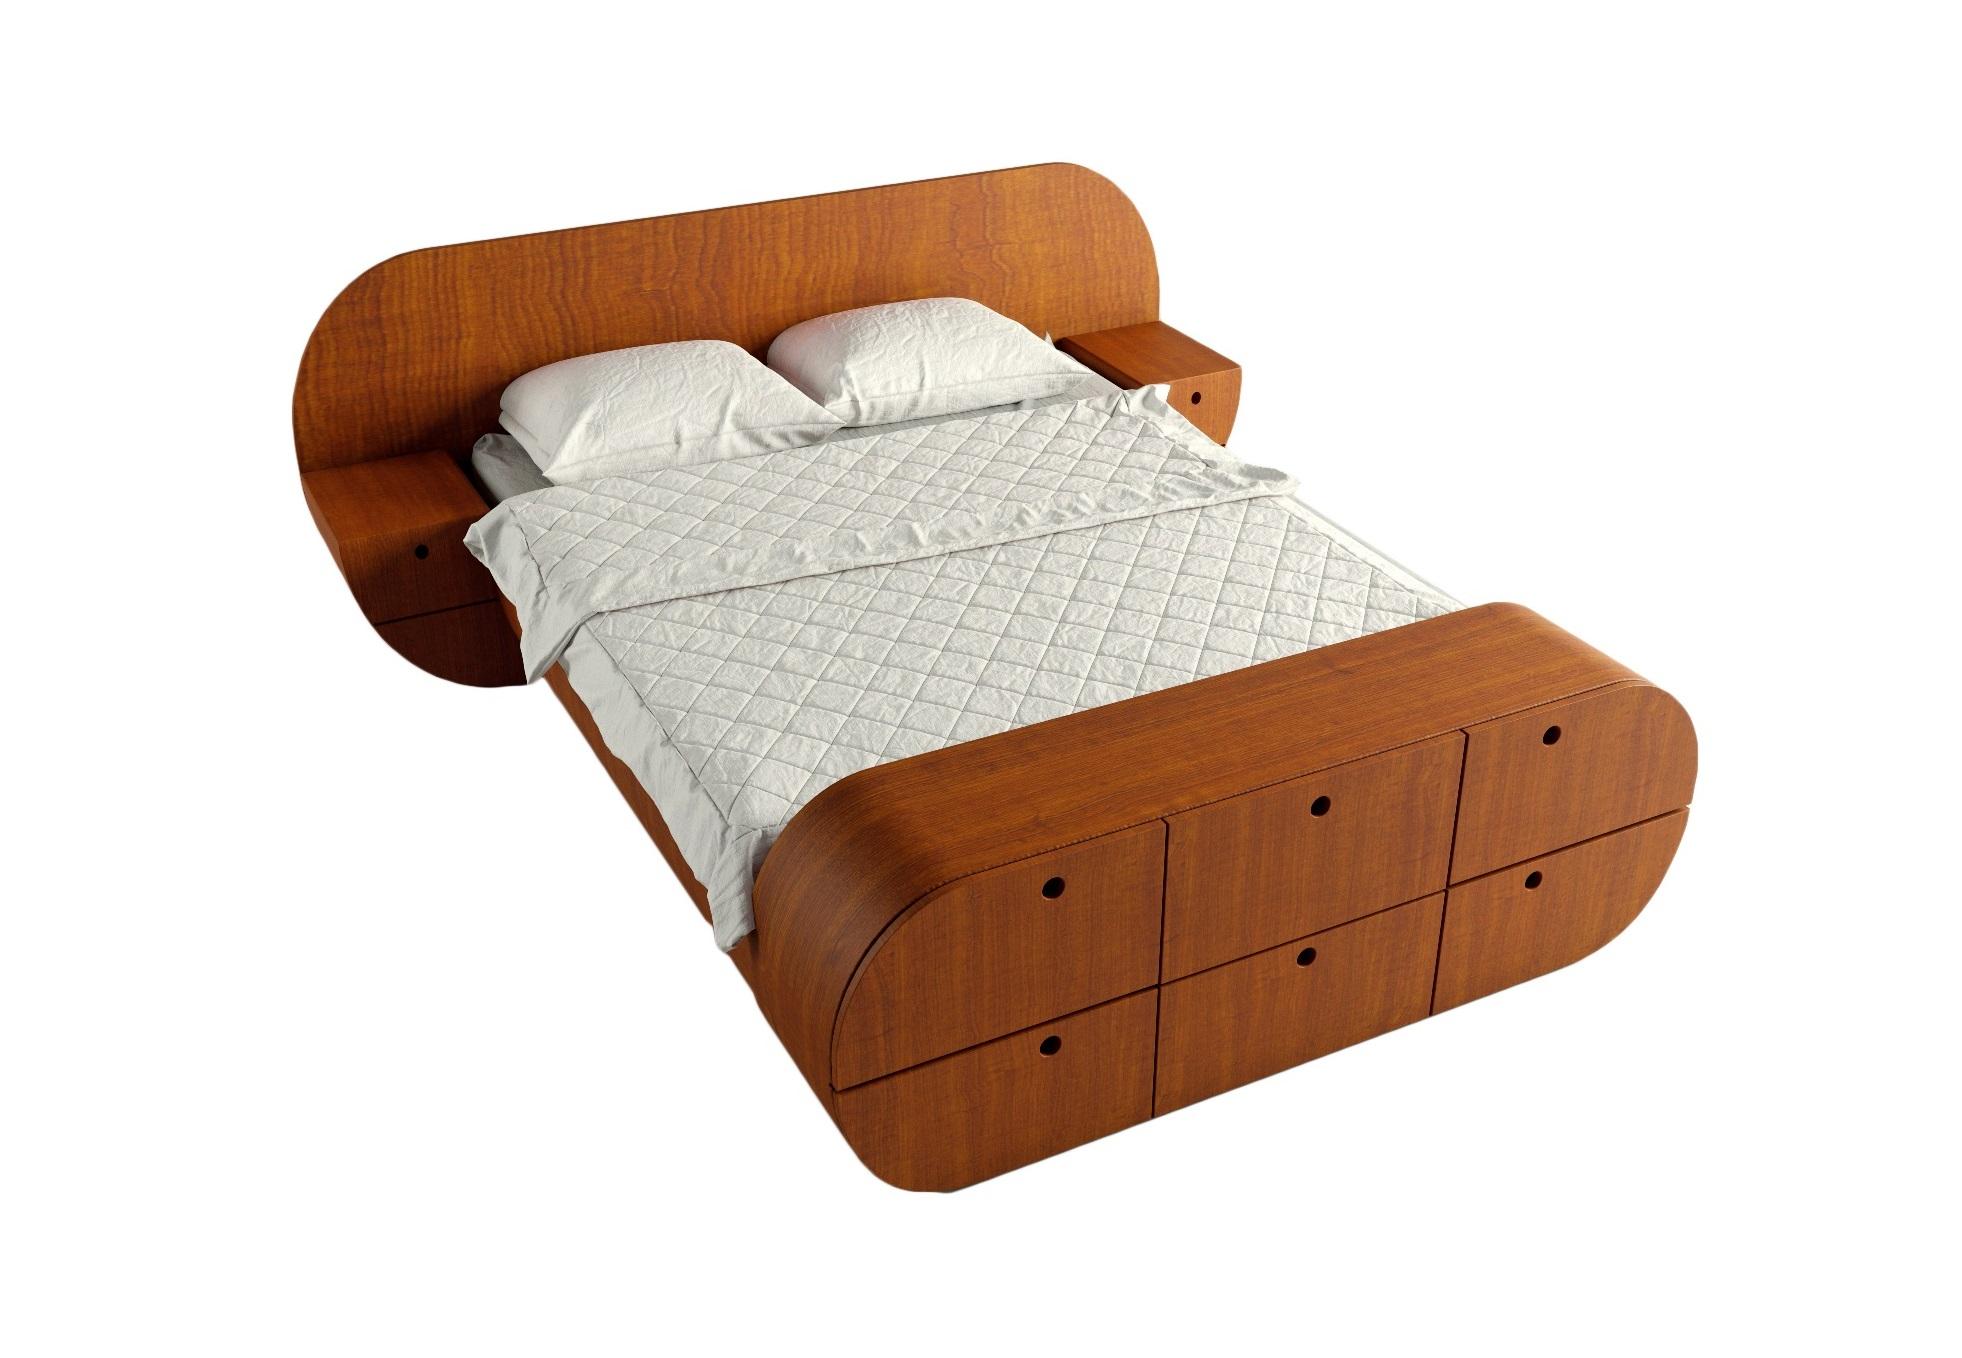 Кровать с тумбами и комодом ЦиклДеревянные кровати<br>Отличный комплект - кровать, 2 тумбы, комод!<br>Представляет собой единую констукцию, изделие покрыто натуральным шпоном, теплый и приятный материал<br>Матрас, белье и подушки в стоимость не входят&amp;lt;div&amp;gt;&amp;lt;br&amp;gt;&amp;lt;/div&amp;gt;&amp;lt;div&amp;gt;Размер спального места: 160см на 200см&amp;amp;nbsp;&amp;lt;/div&amp;gt;&amp;lt;div&amp;gt;Материал: МДФ, шпон<br>Установка не требуется&amp;lt;/div&amp;gt;<br><br>Material: МДФ<br>Ширина см: 218.0<br>Высота см: 87.0<br>Глубина см: 267.0